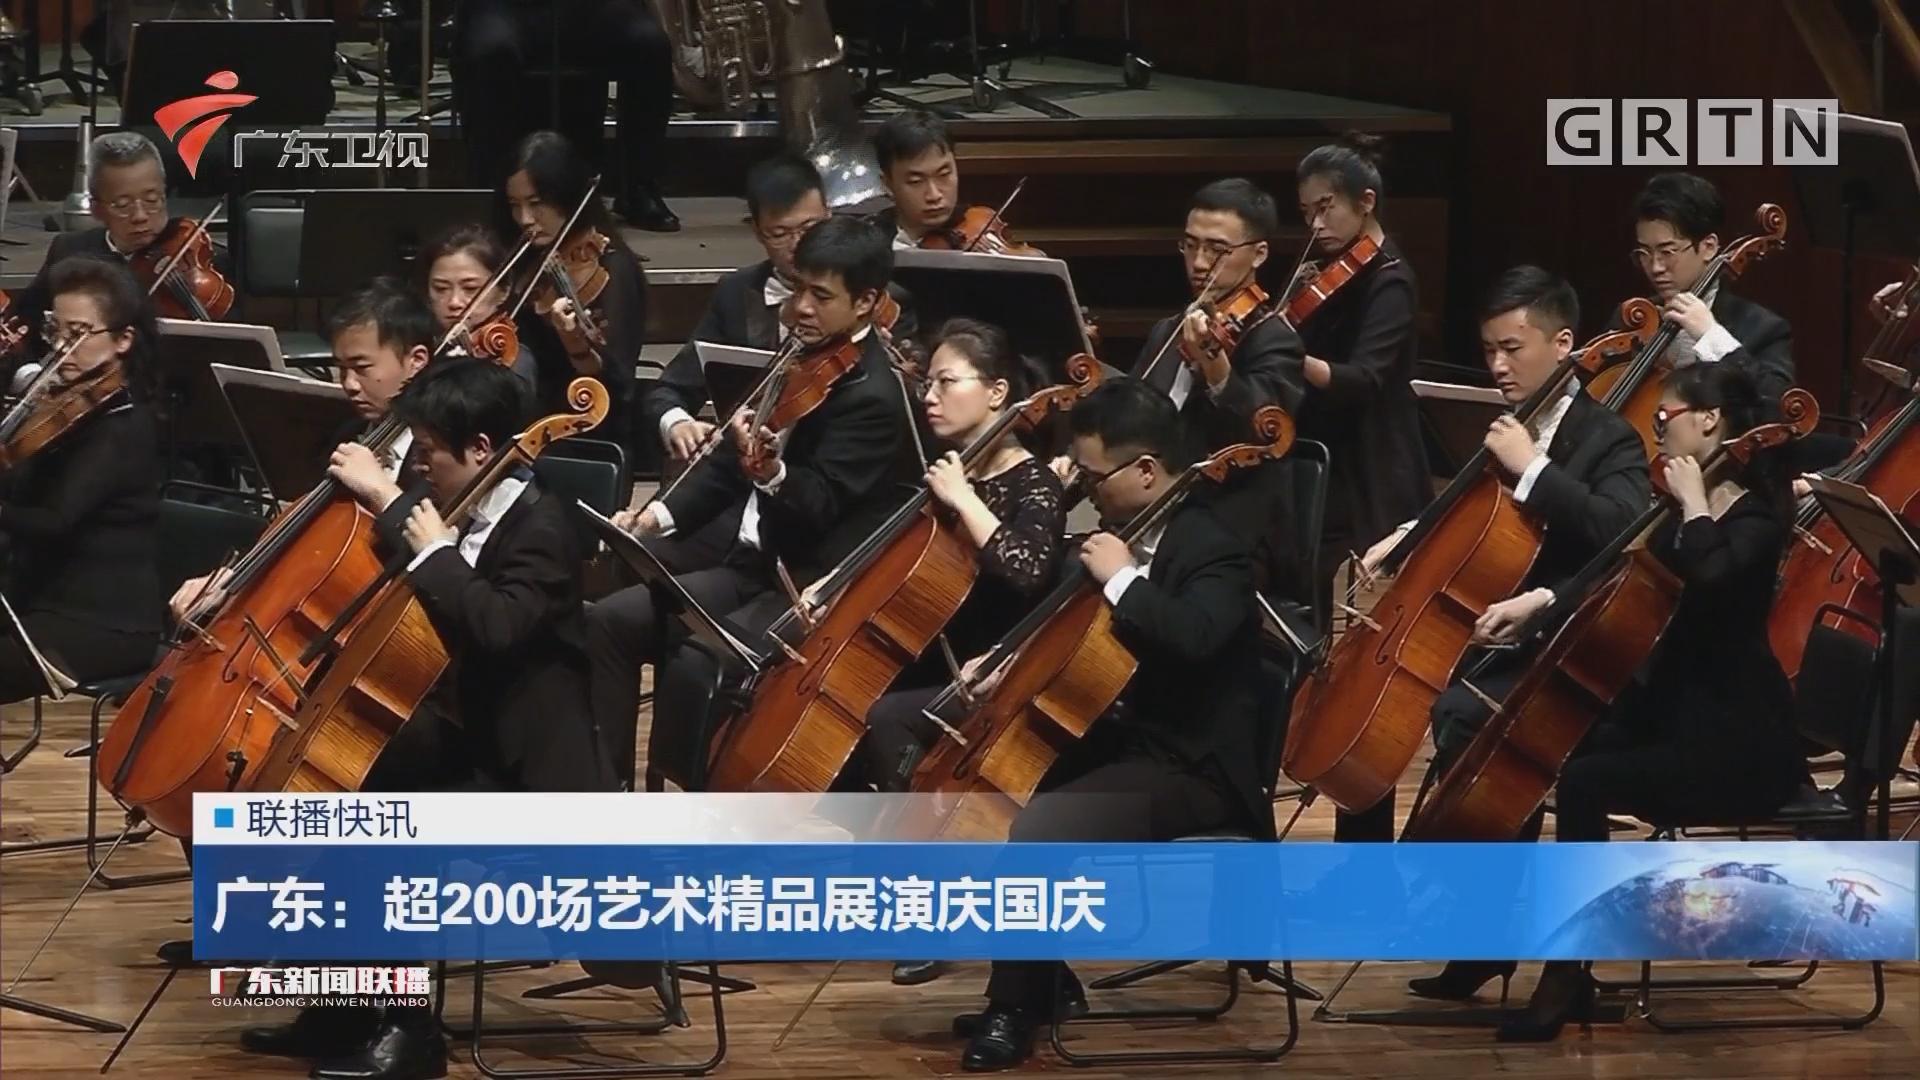 广东:超200场艺术精品展演庆国庆